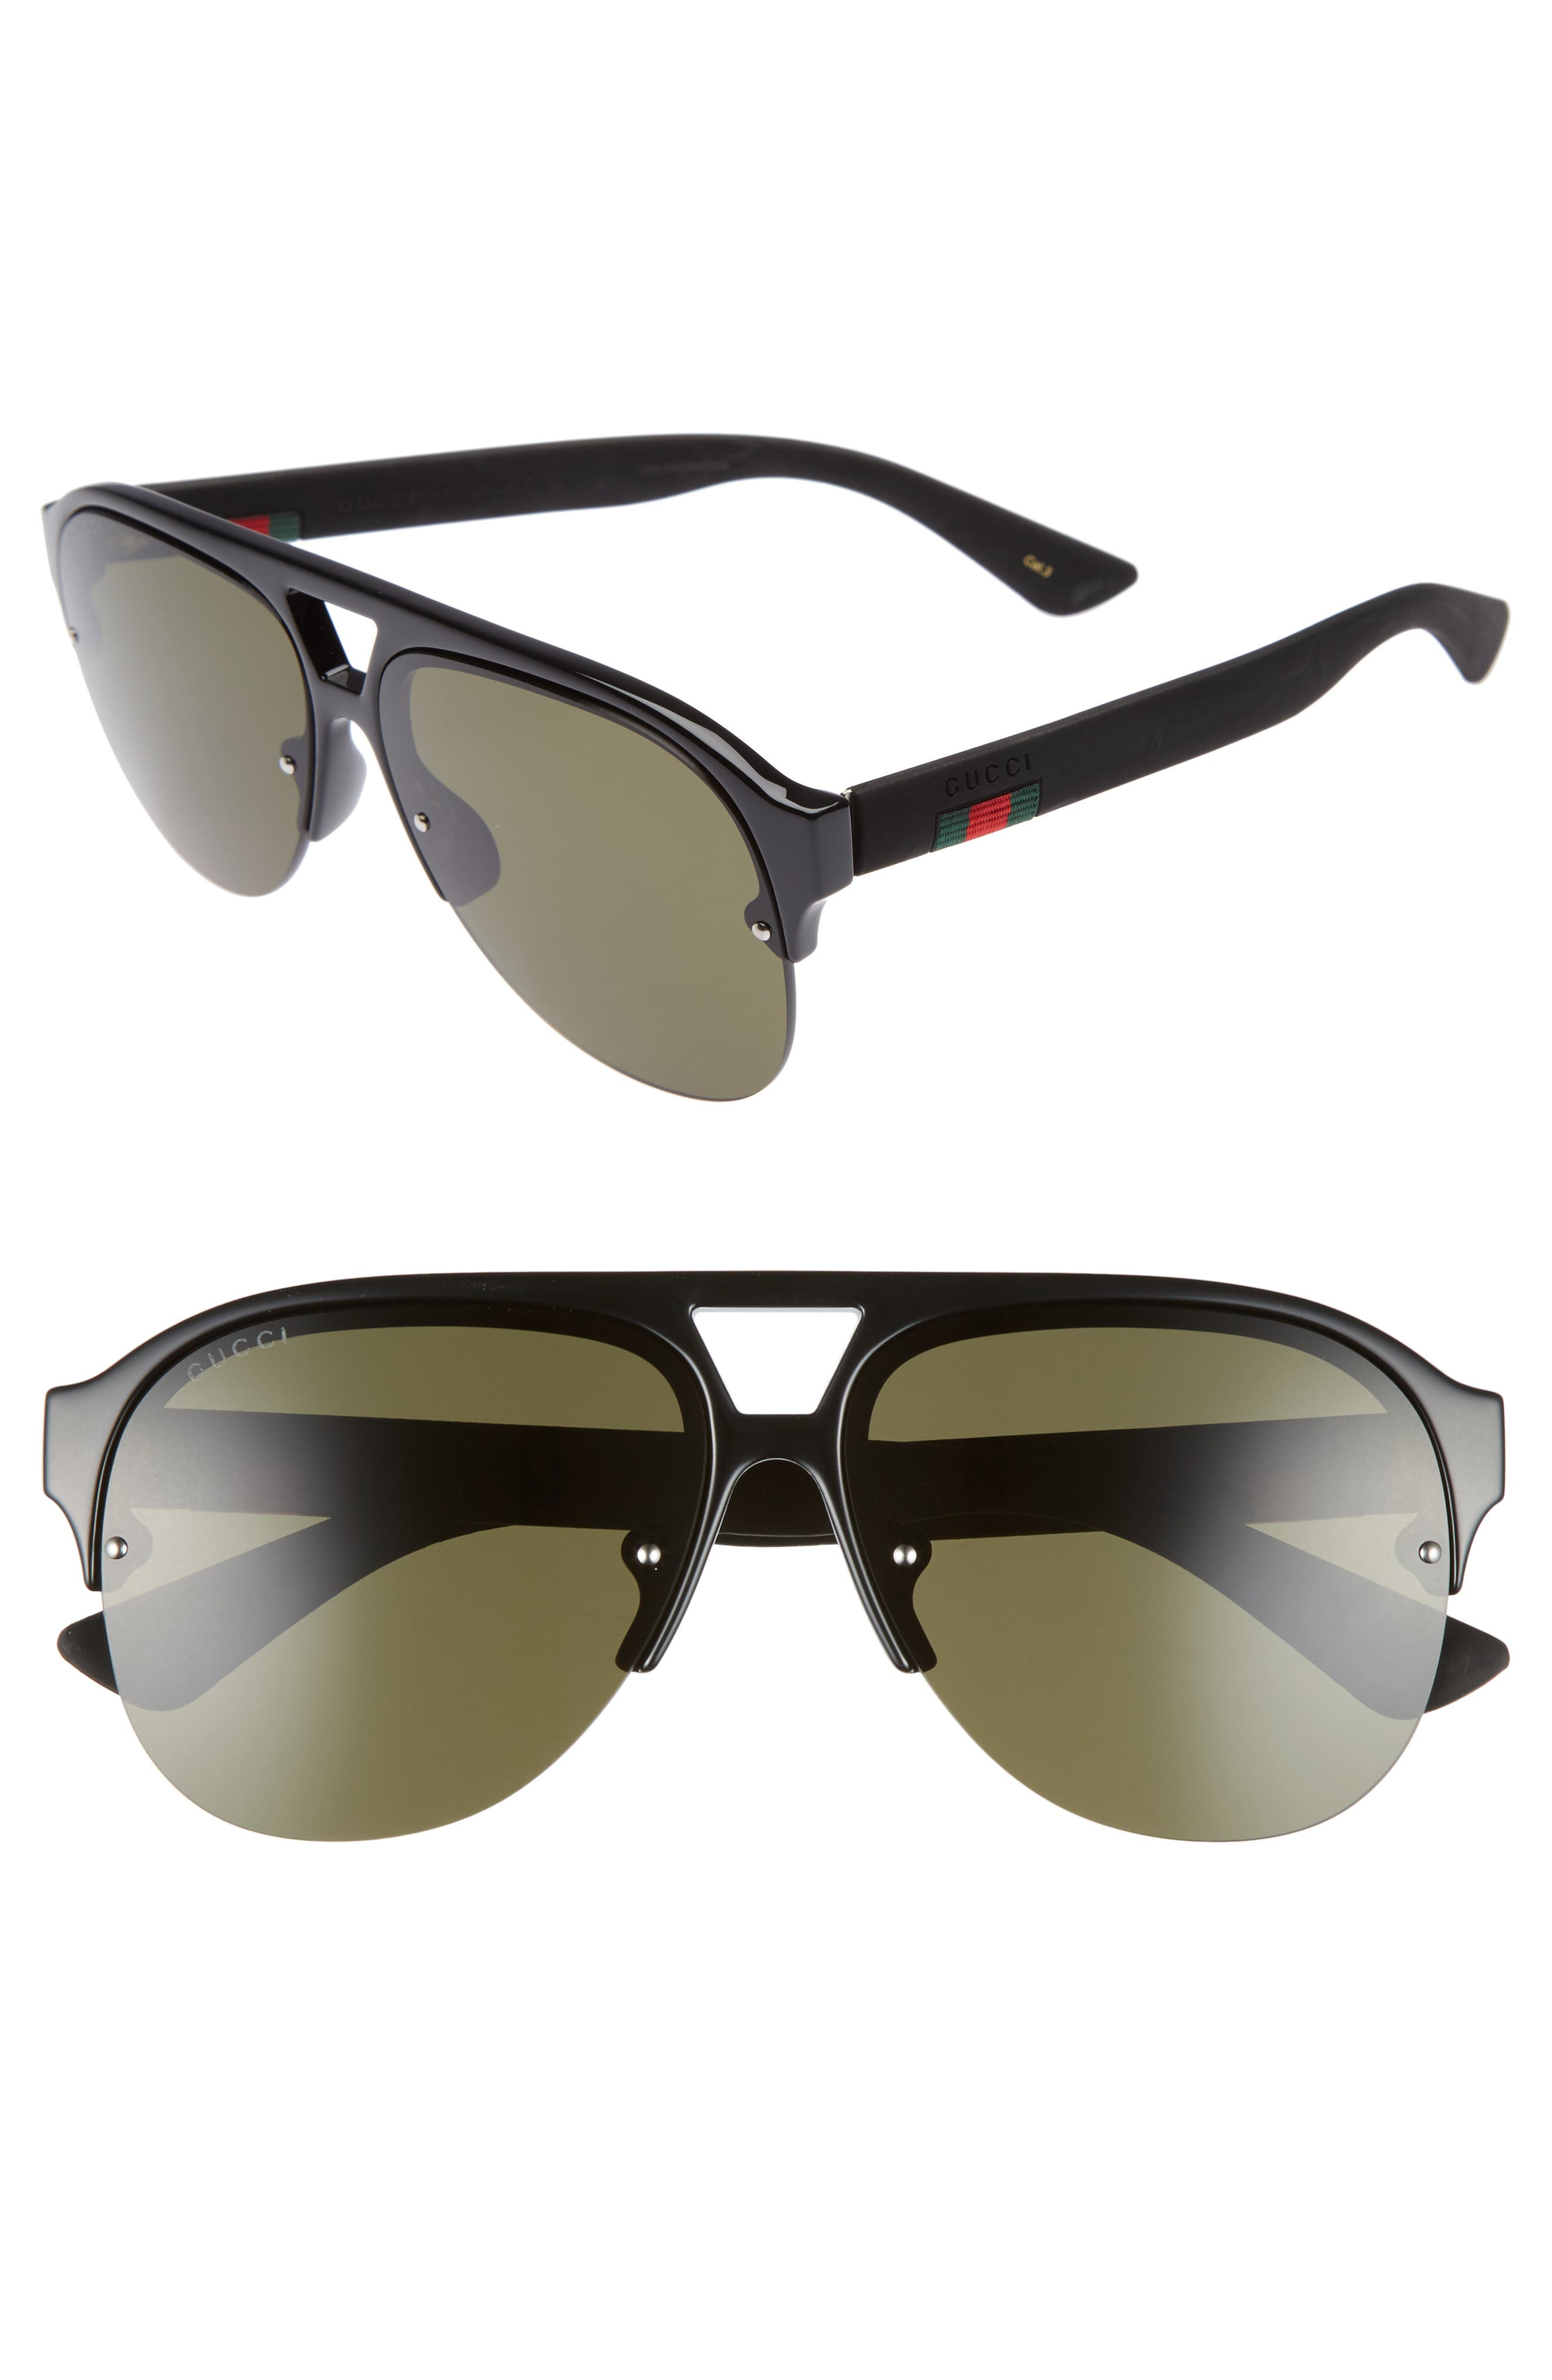 gucci 59mm semi rimless sunglasses | nordstrom